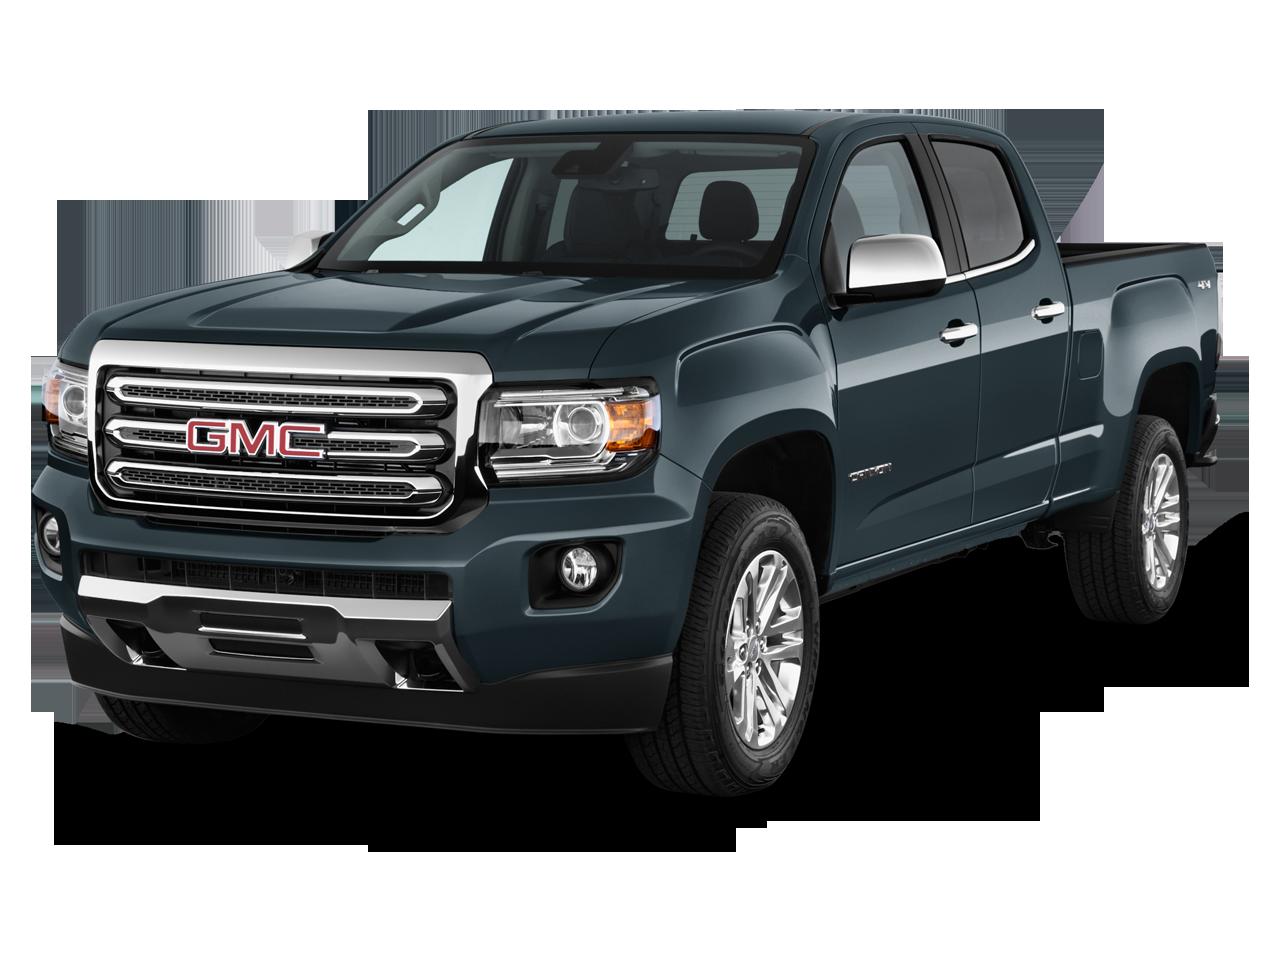 buick chevrolet chrysler dodge gmc jeep ram dealer incentives lynch family of dealerships. Black Bedroom Furniture Sets. Home Design Ideas